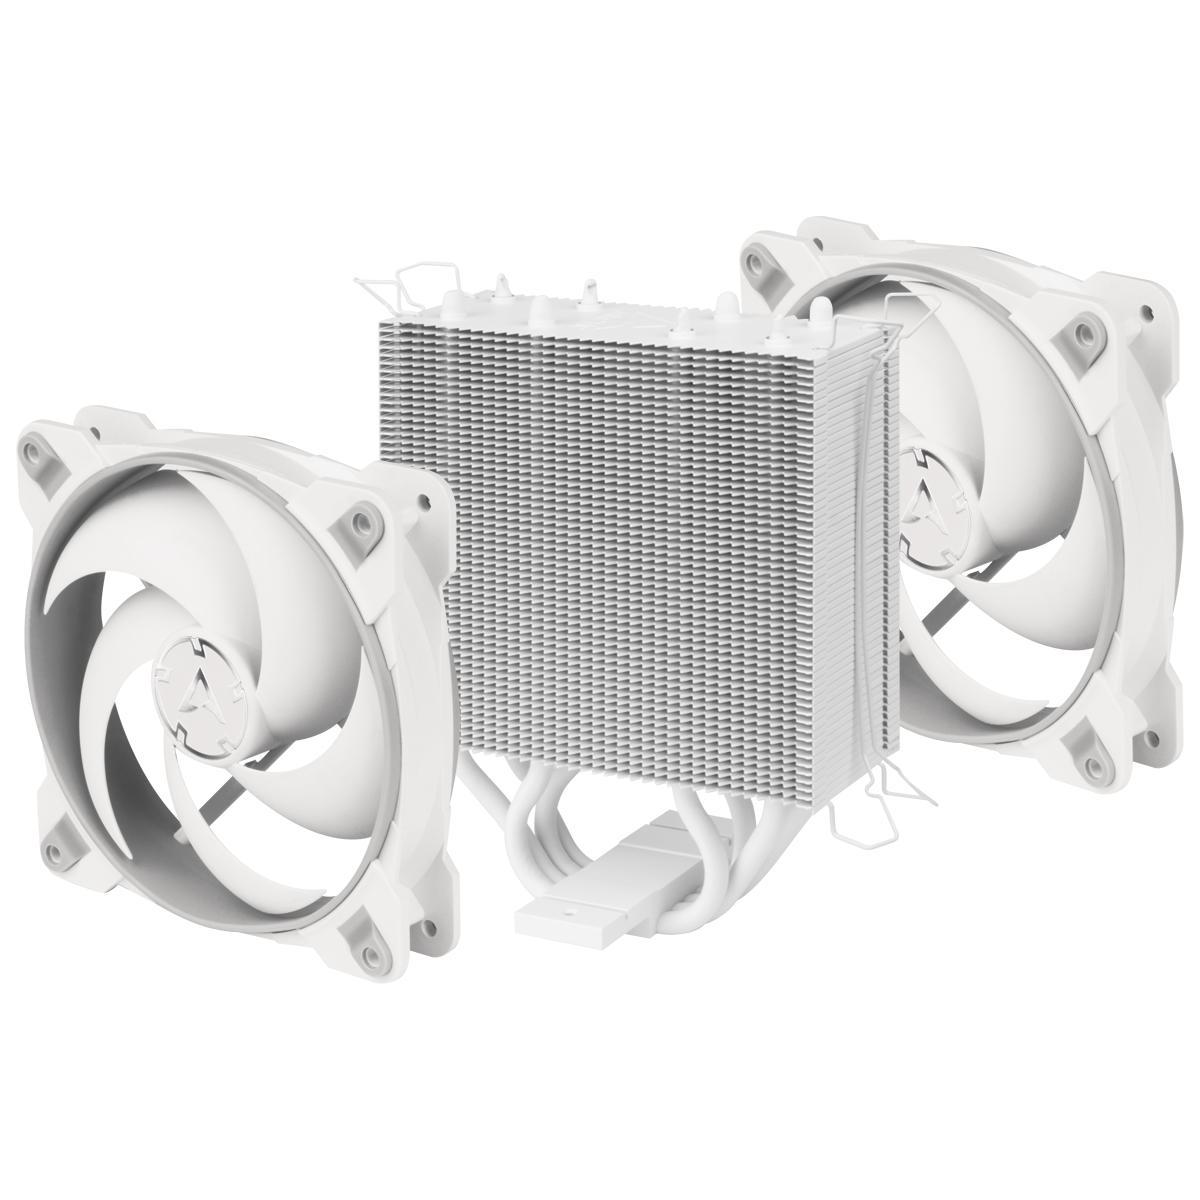 Охладител за процесор ARCTIC Freezer 34 eSports DUO - Сив/Бял-3